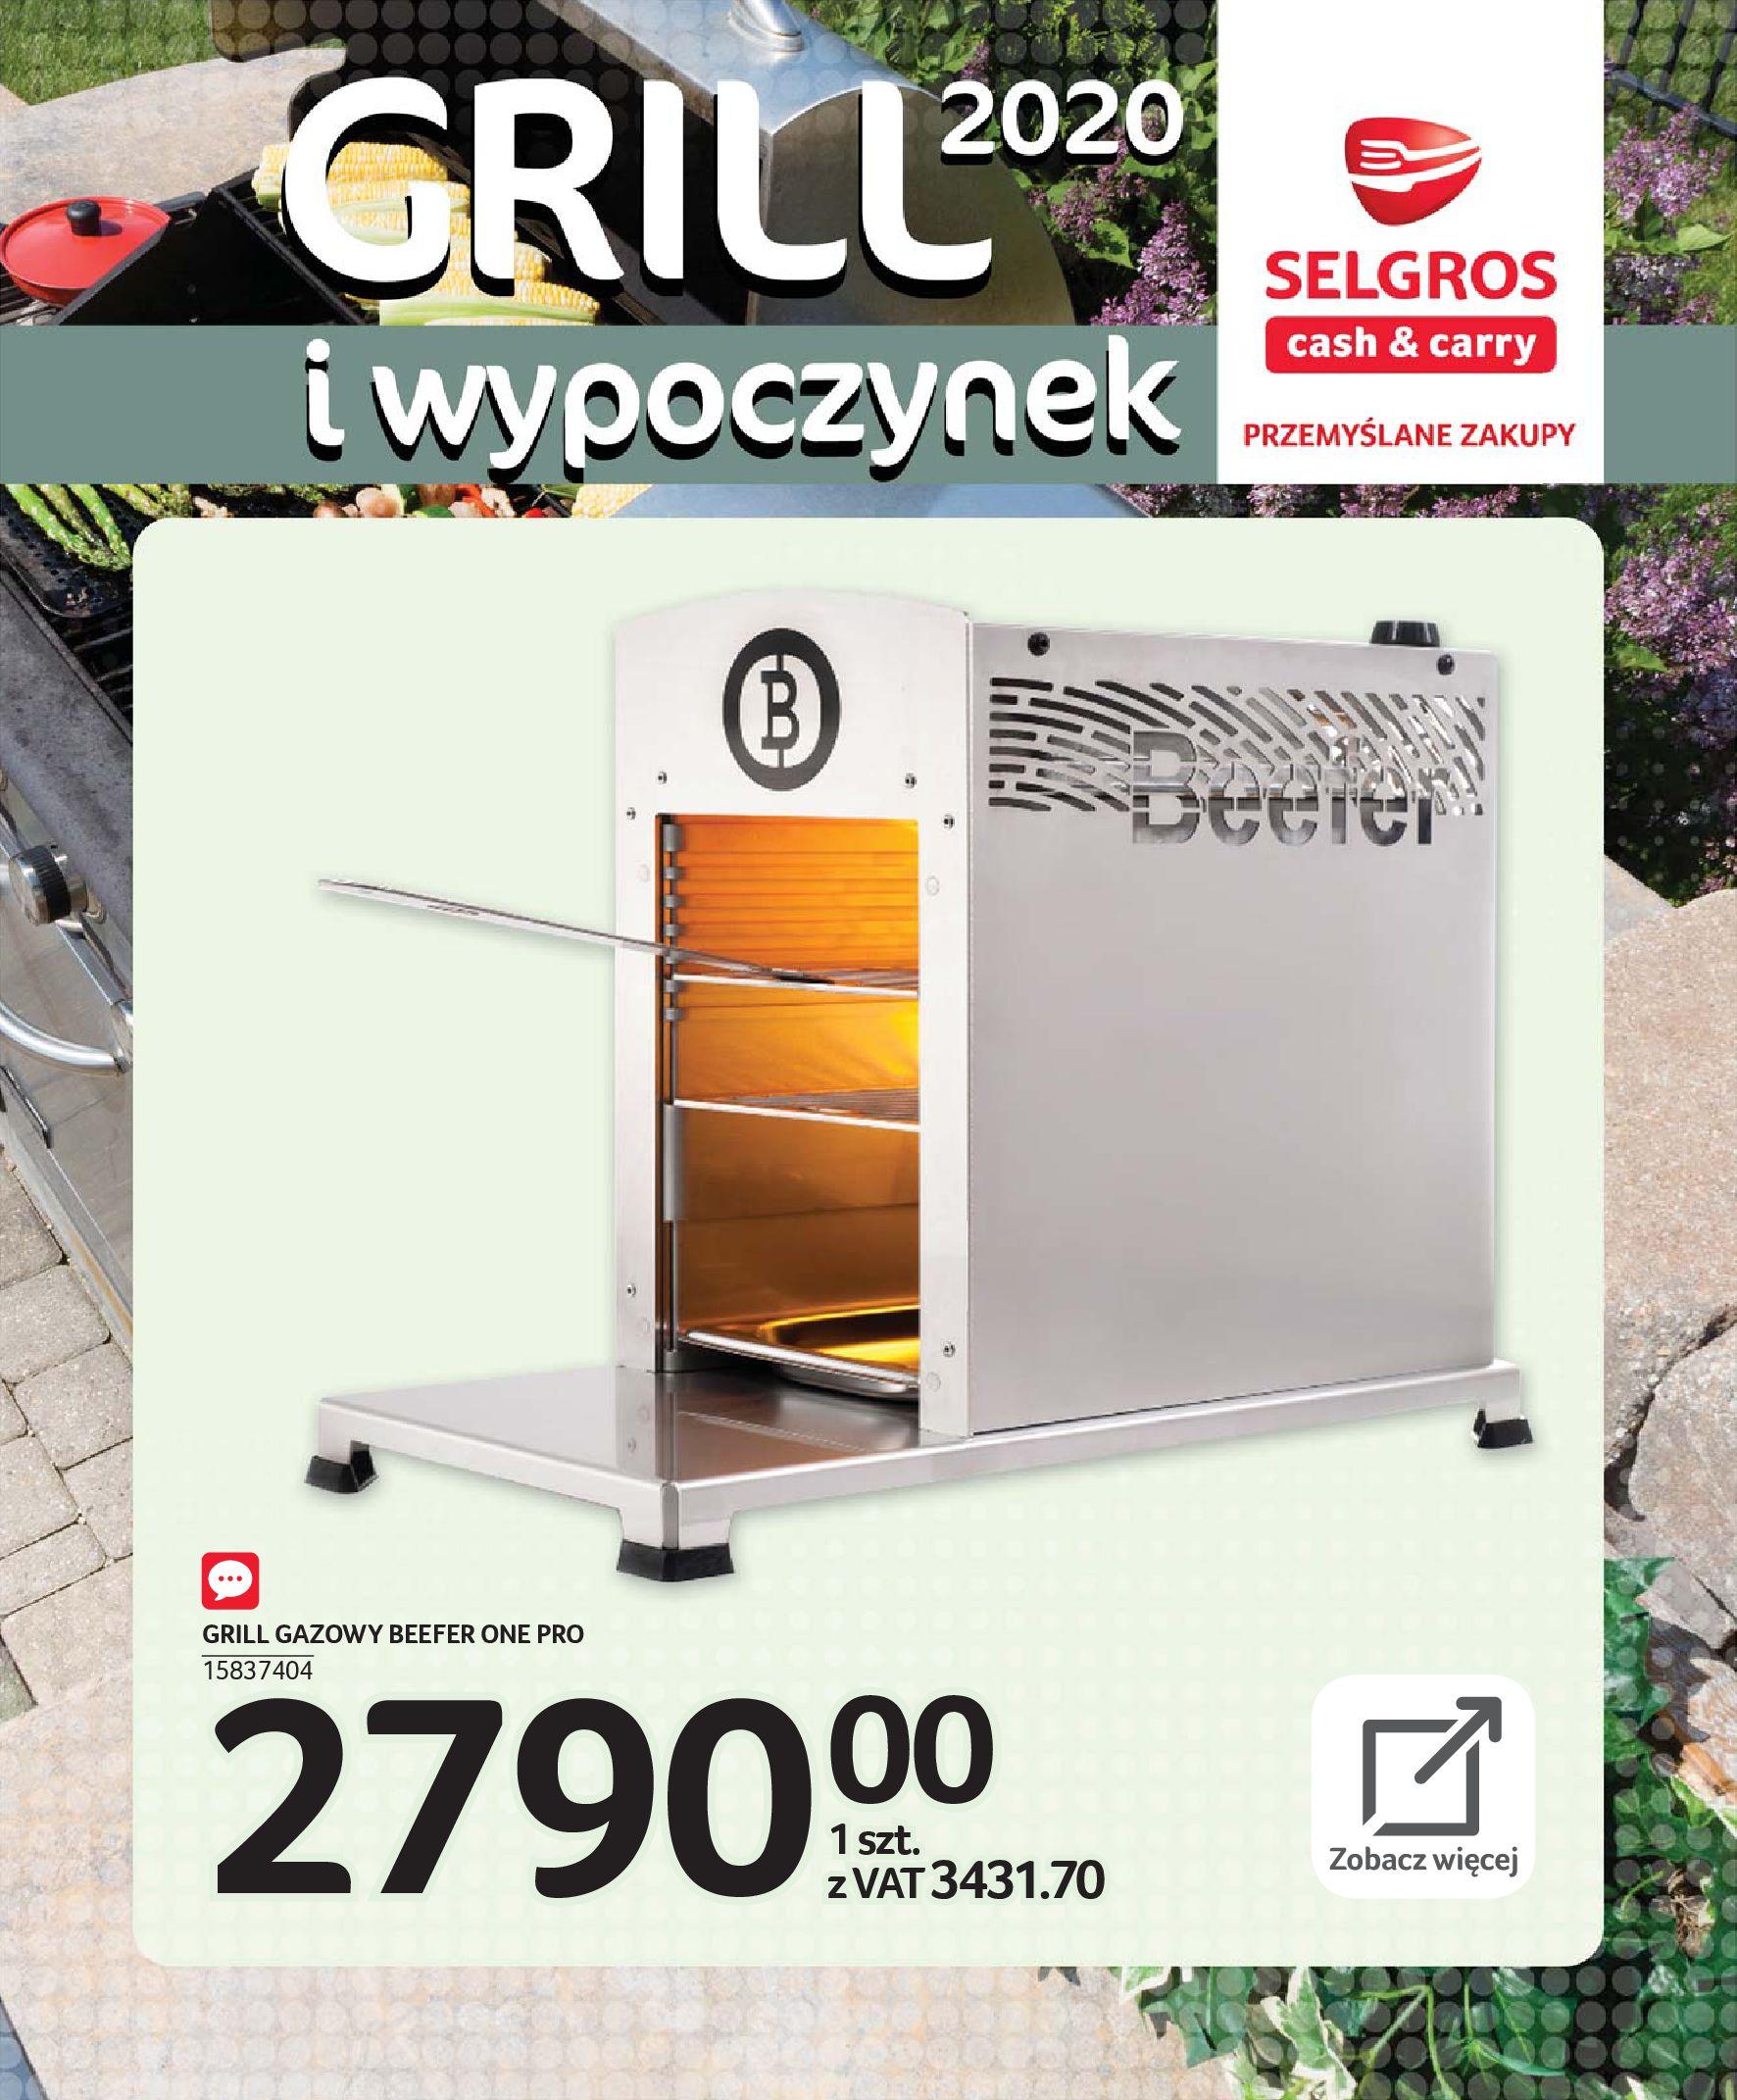 Gazetka Selgros - Katalog - Grill i wypoczynek-31.03.2020-31.08.2020-page-46